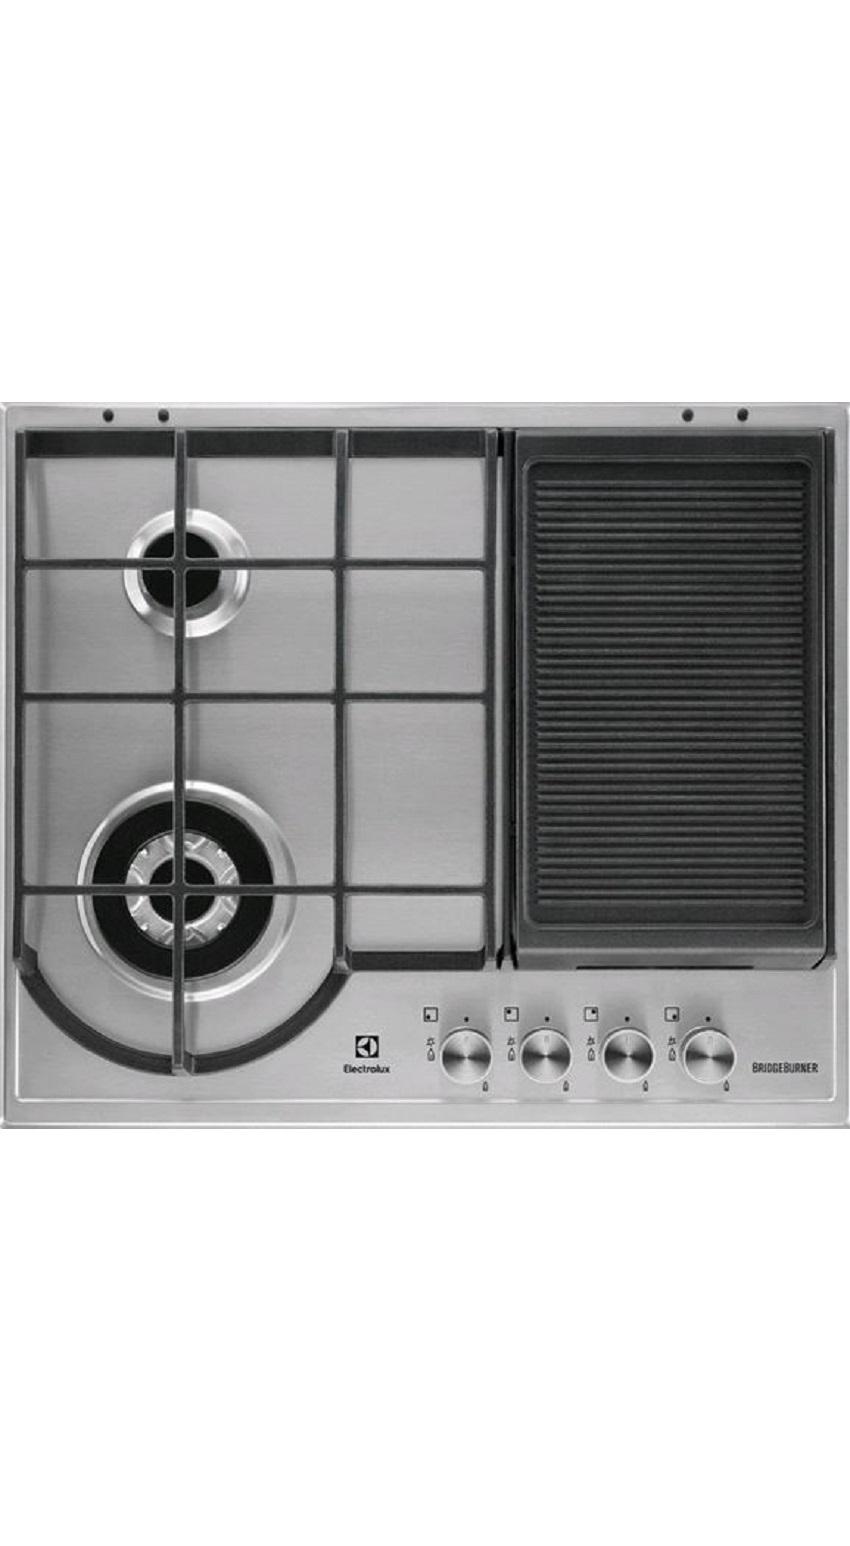 table de cuisson à gaz 3 feux 60cm  idkit tahiti